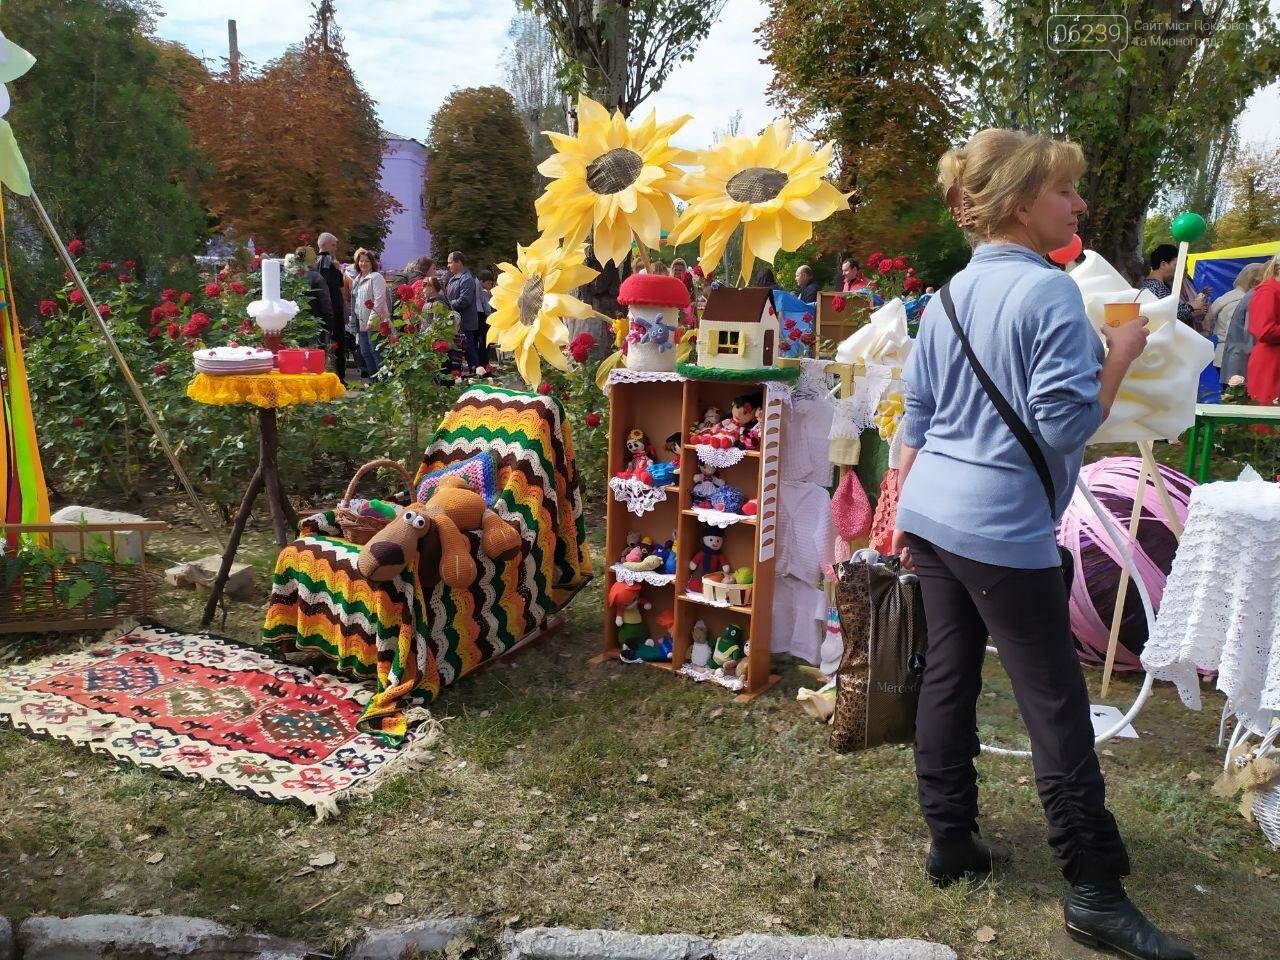 На выходных в Мирнограде состоялся яркий и масштабный праздник «Мирноградская осень» - фотоотчет , фото-3